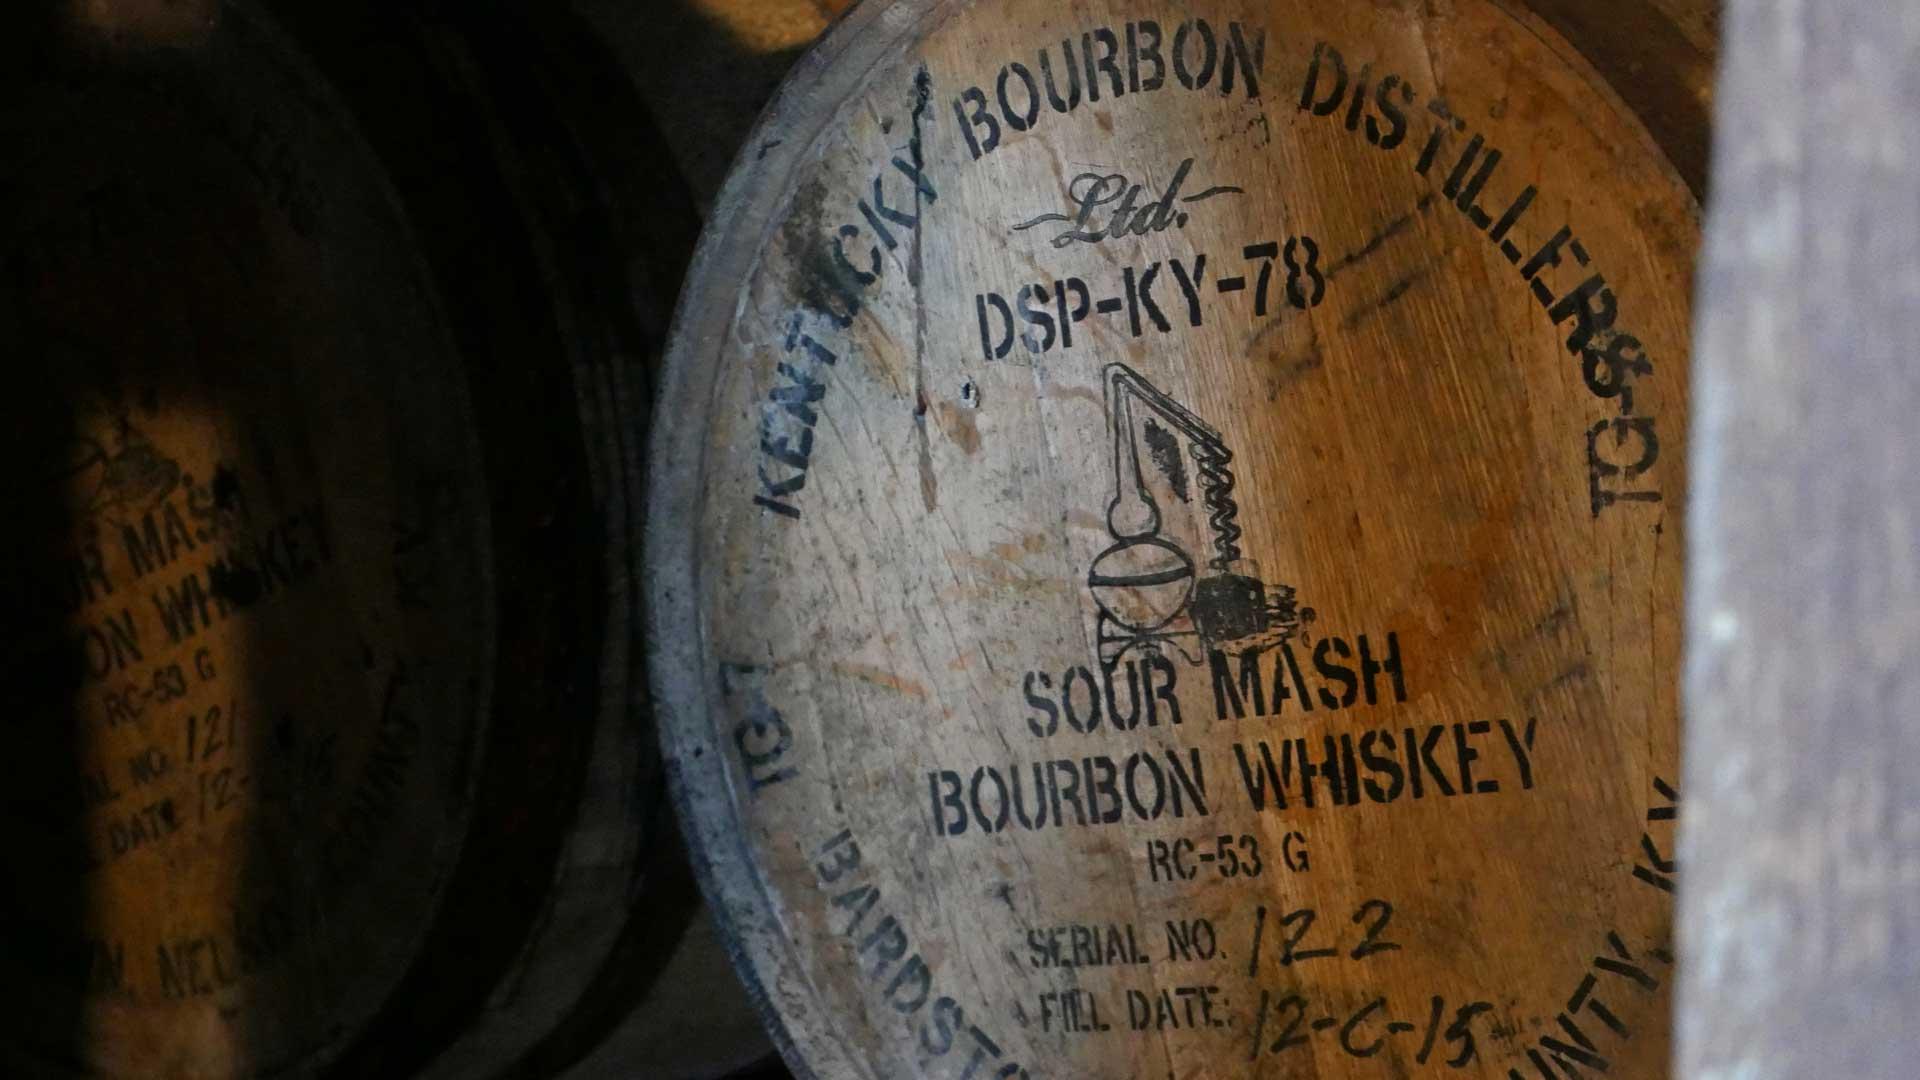 Bei der Herstellung von schottischem Whisky werden hauptsächlich Ex-Bourbon-Barrels verwendet. (Foto: Malt Whisky)